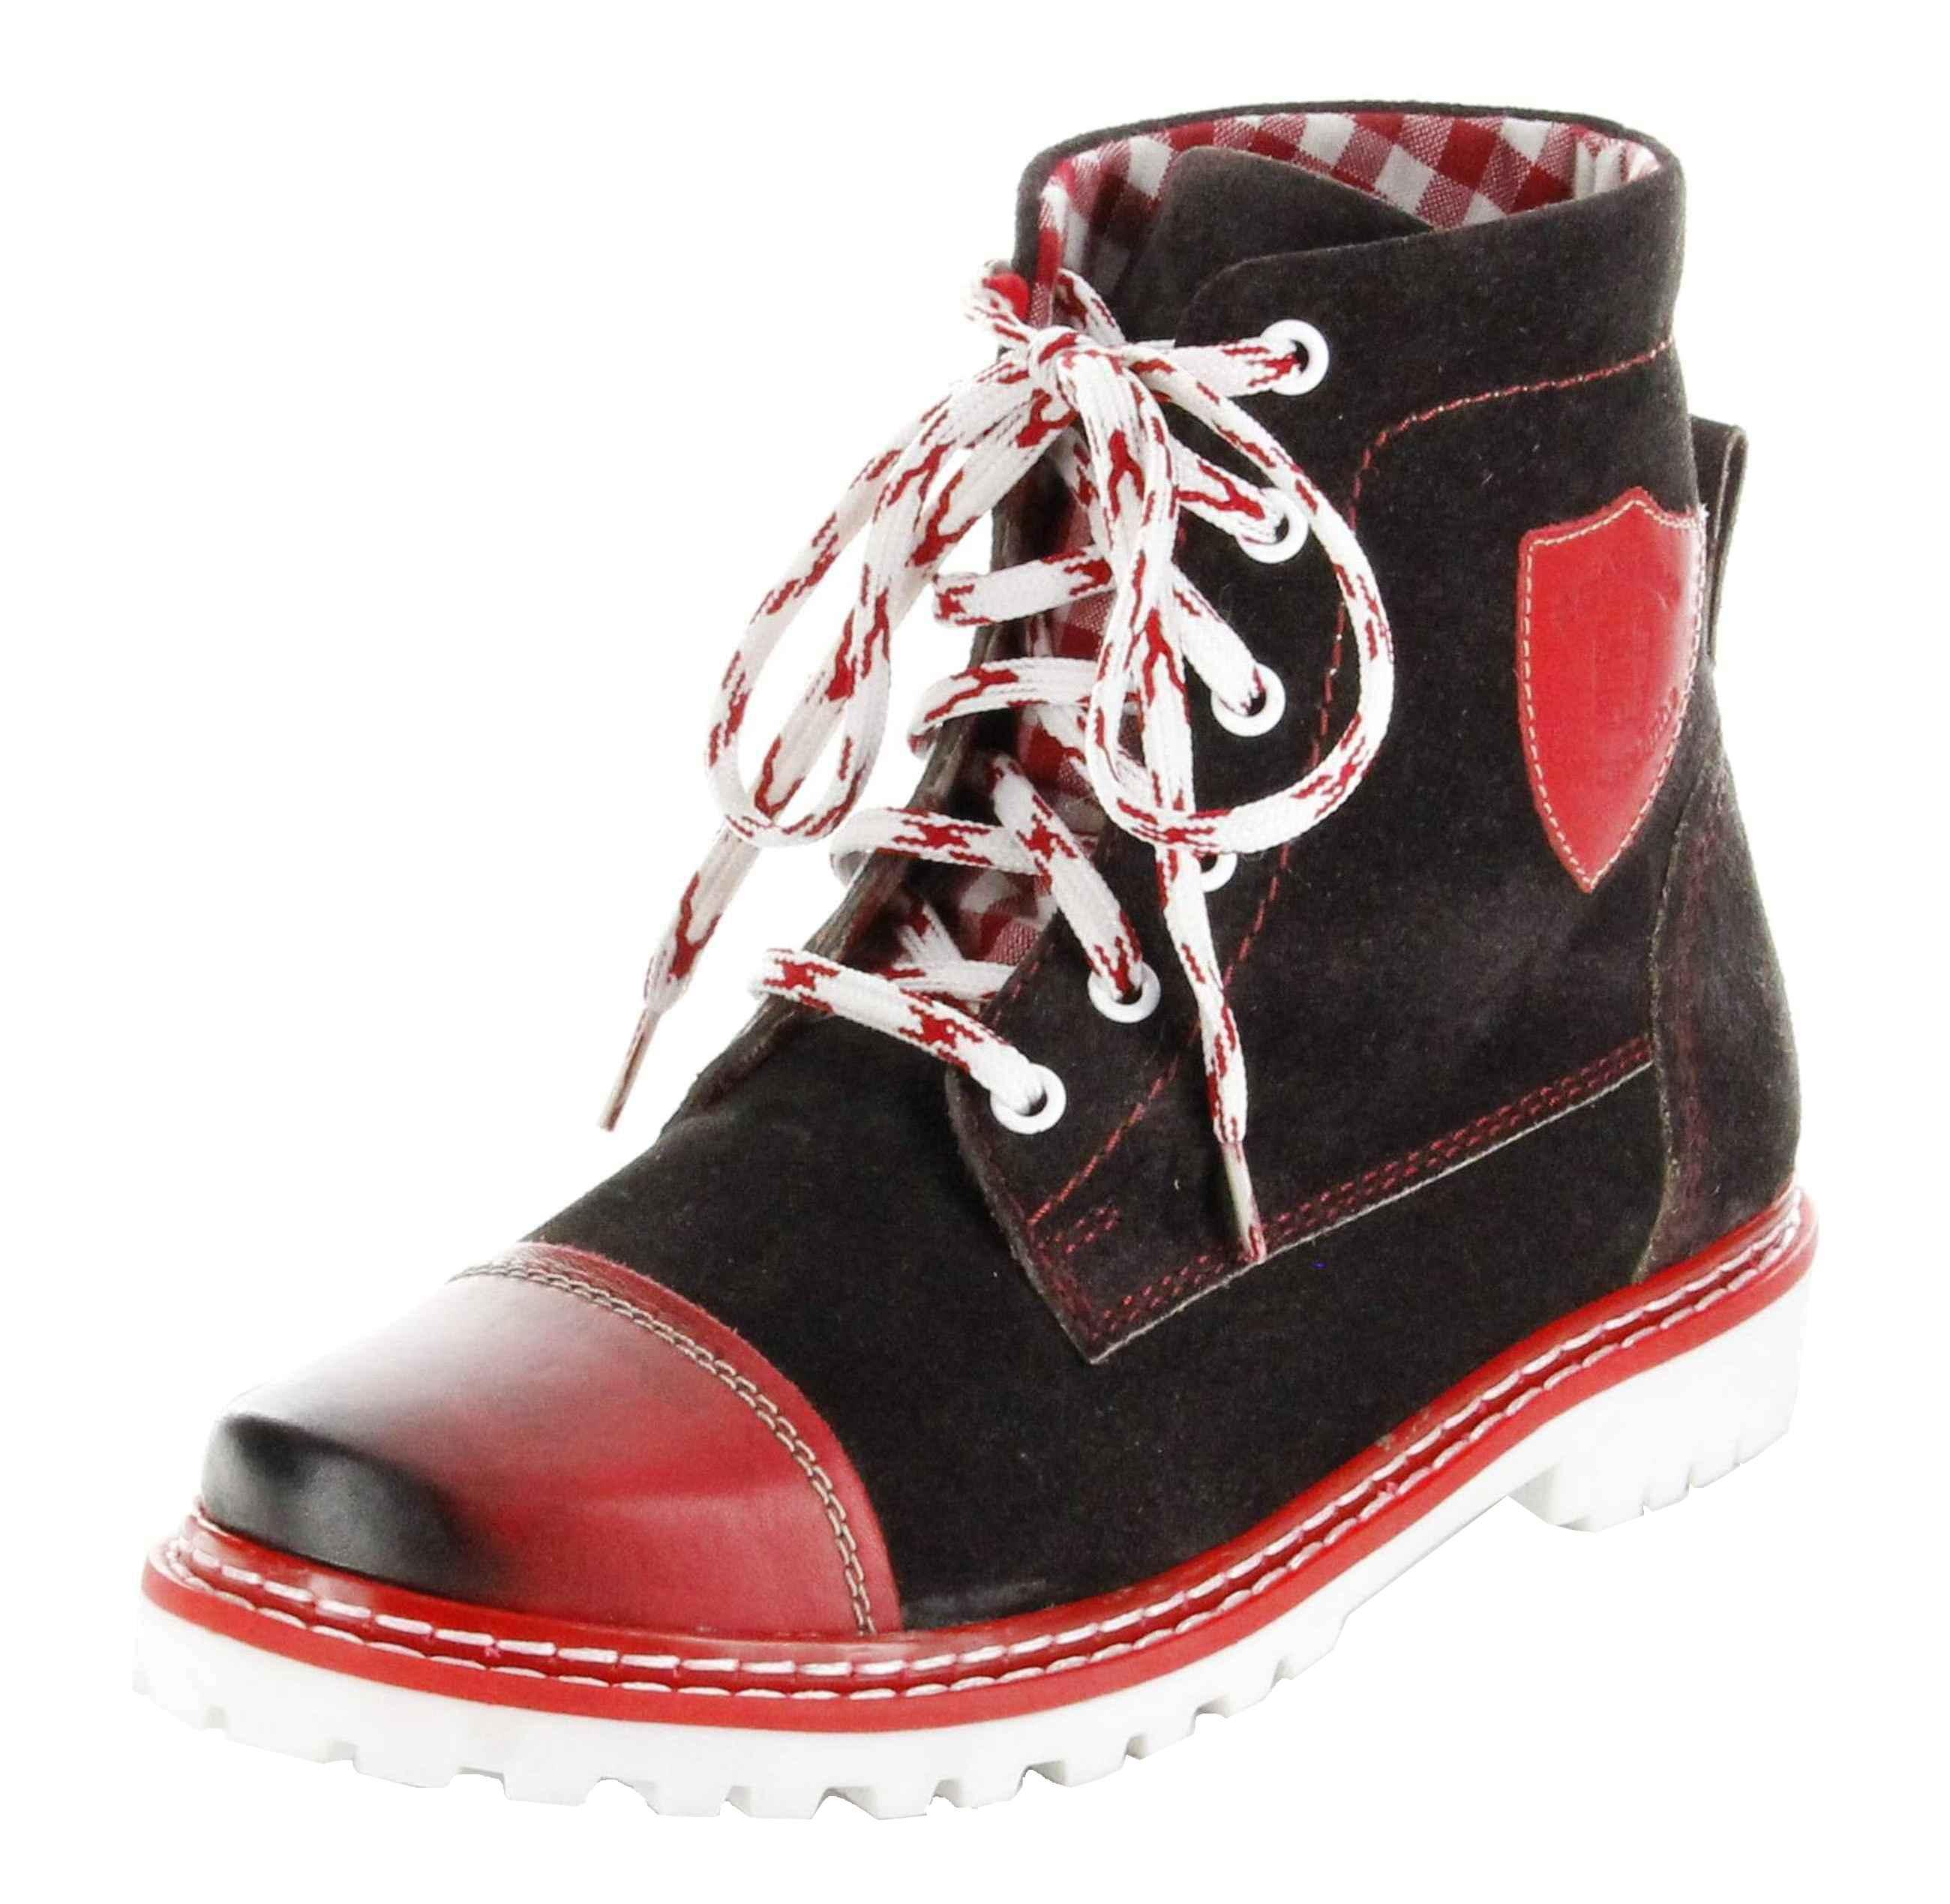 check out 406b5 d4b49 Bergheimer Trachtenschuhe Stiefel rot Leder Stiefelette Damen Schuhe Aflenz